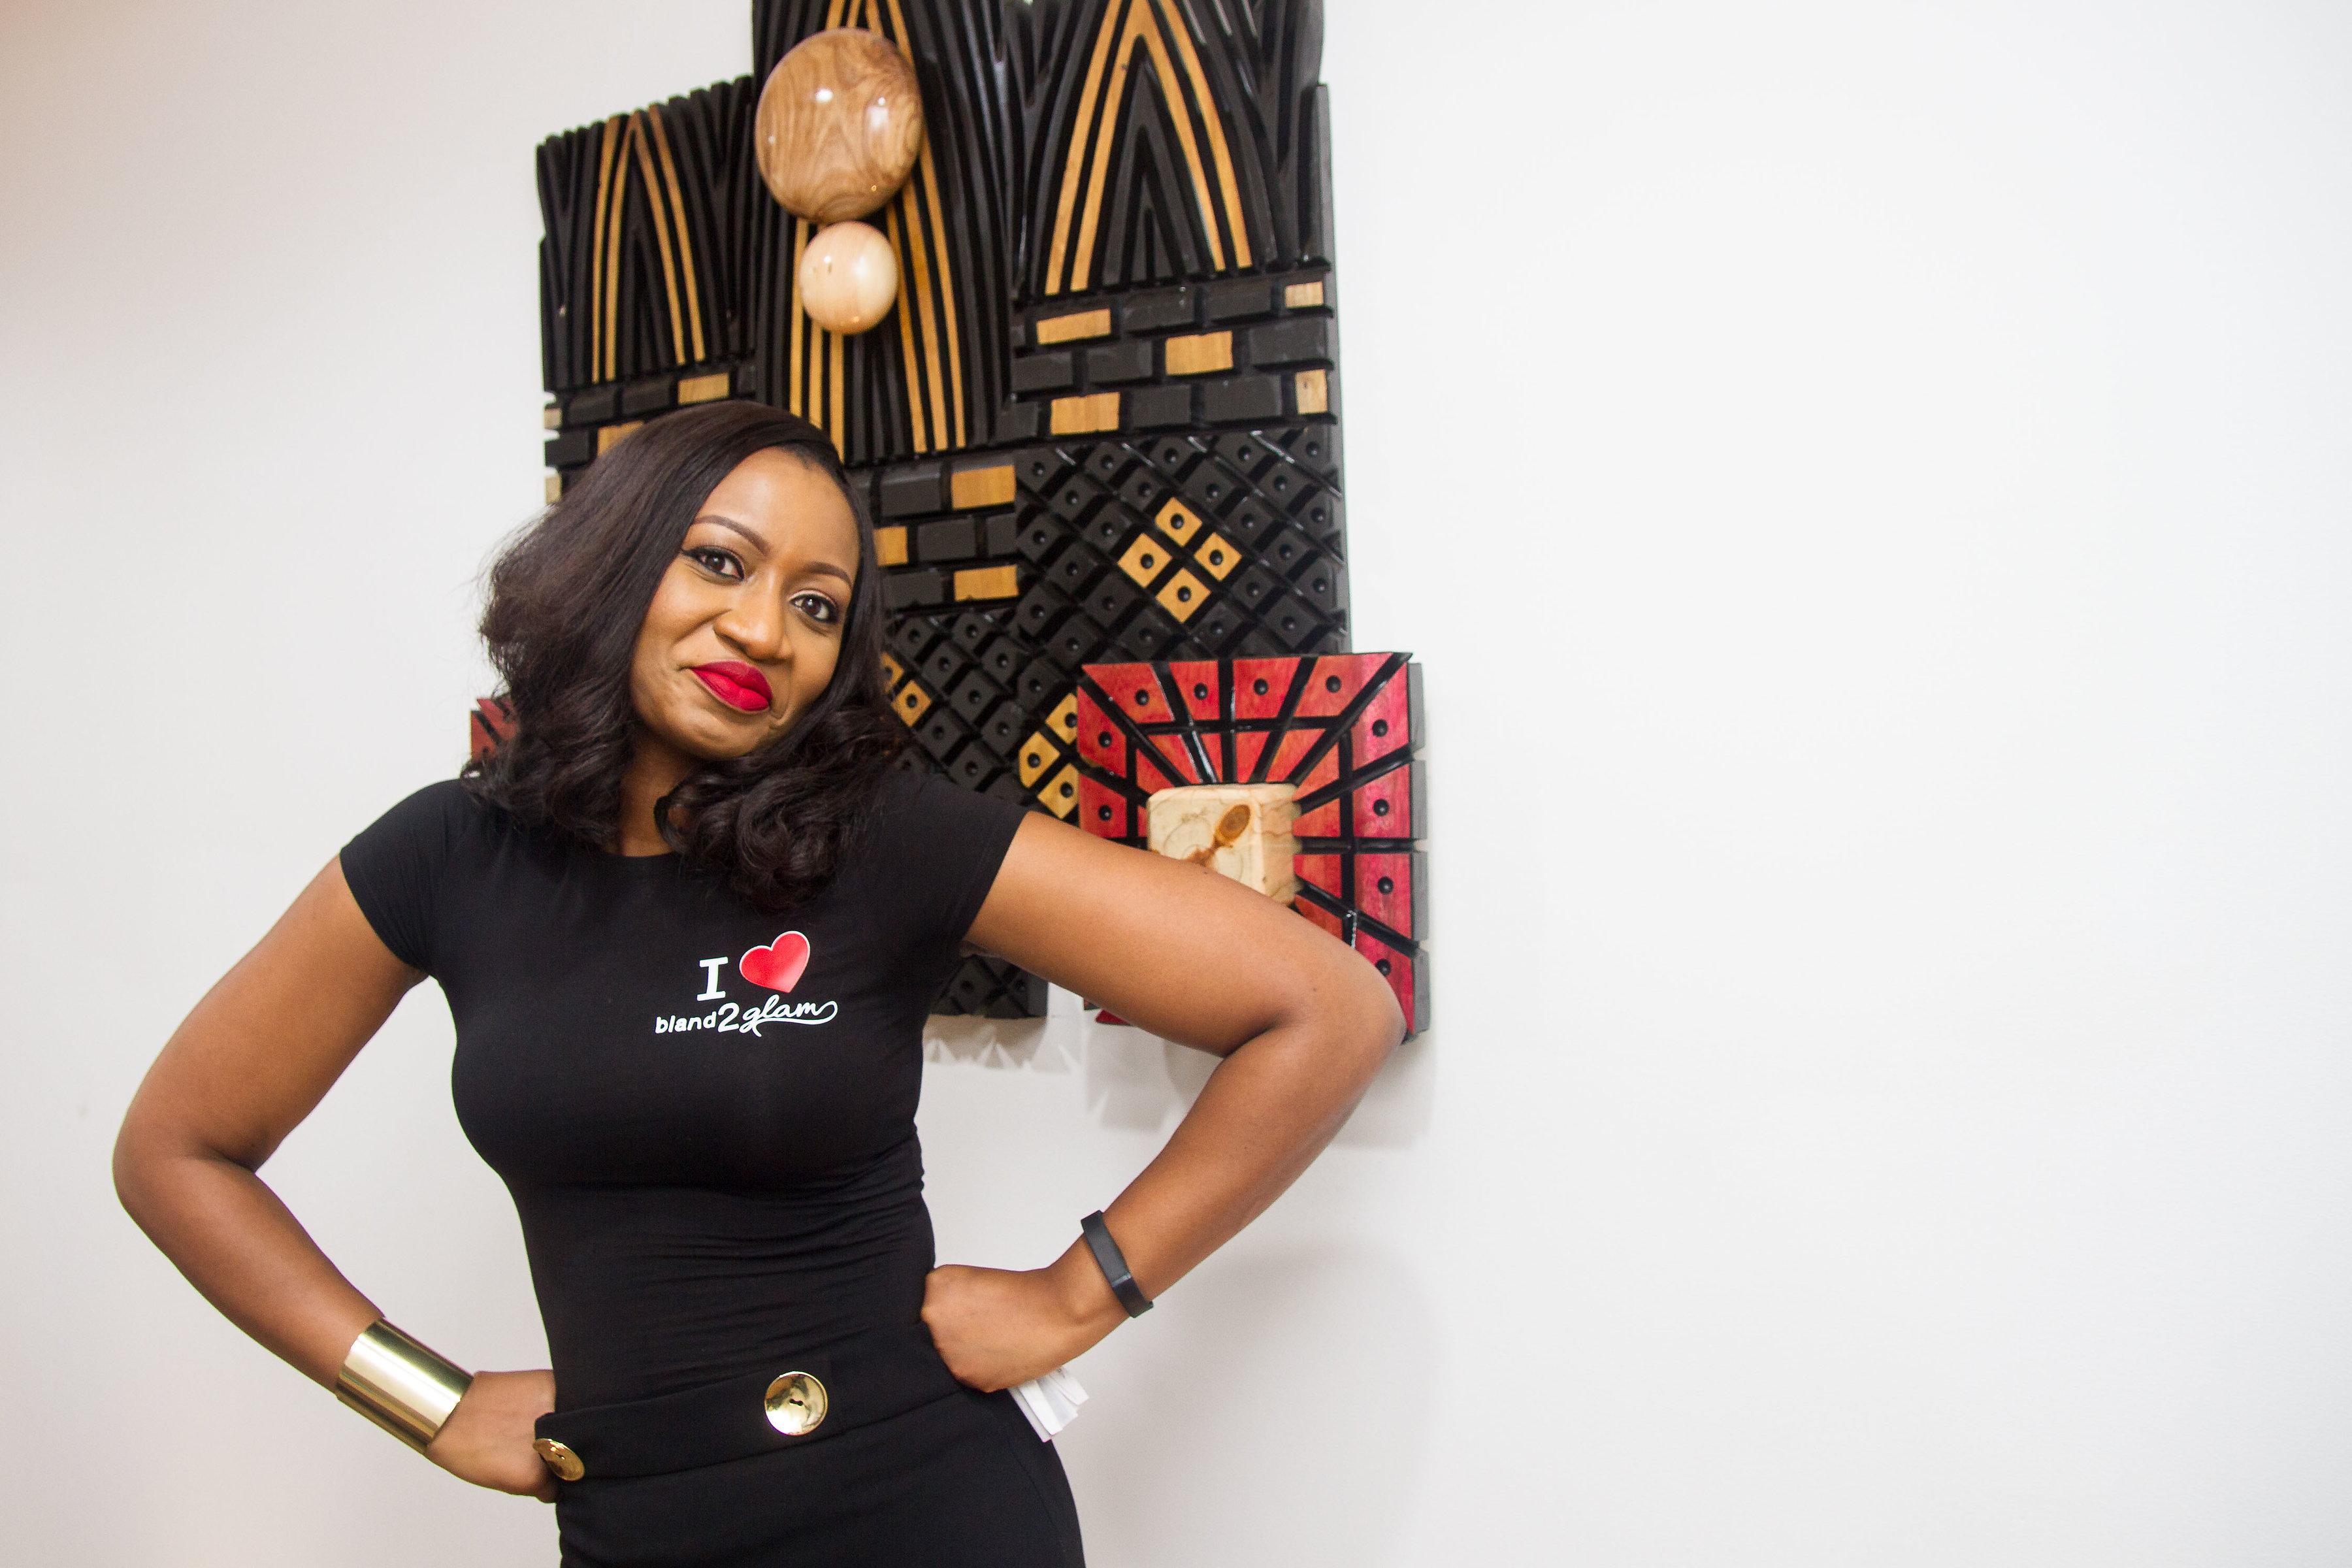 Seyi banigbe Founder, CEO of Bland2Glam